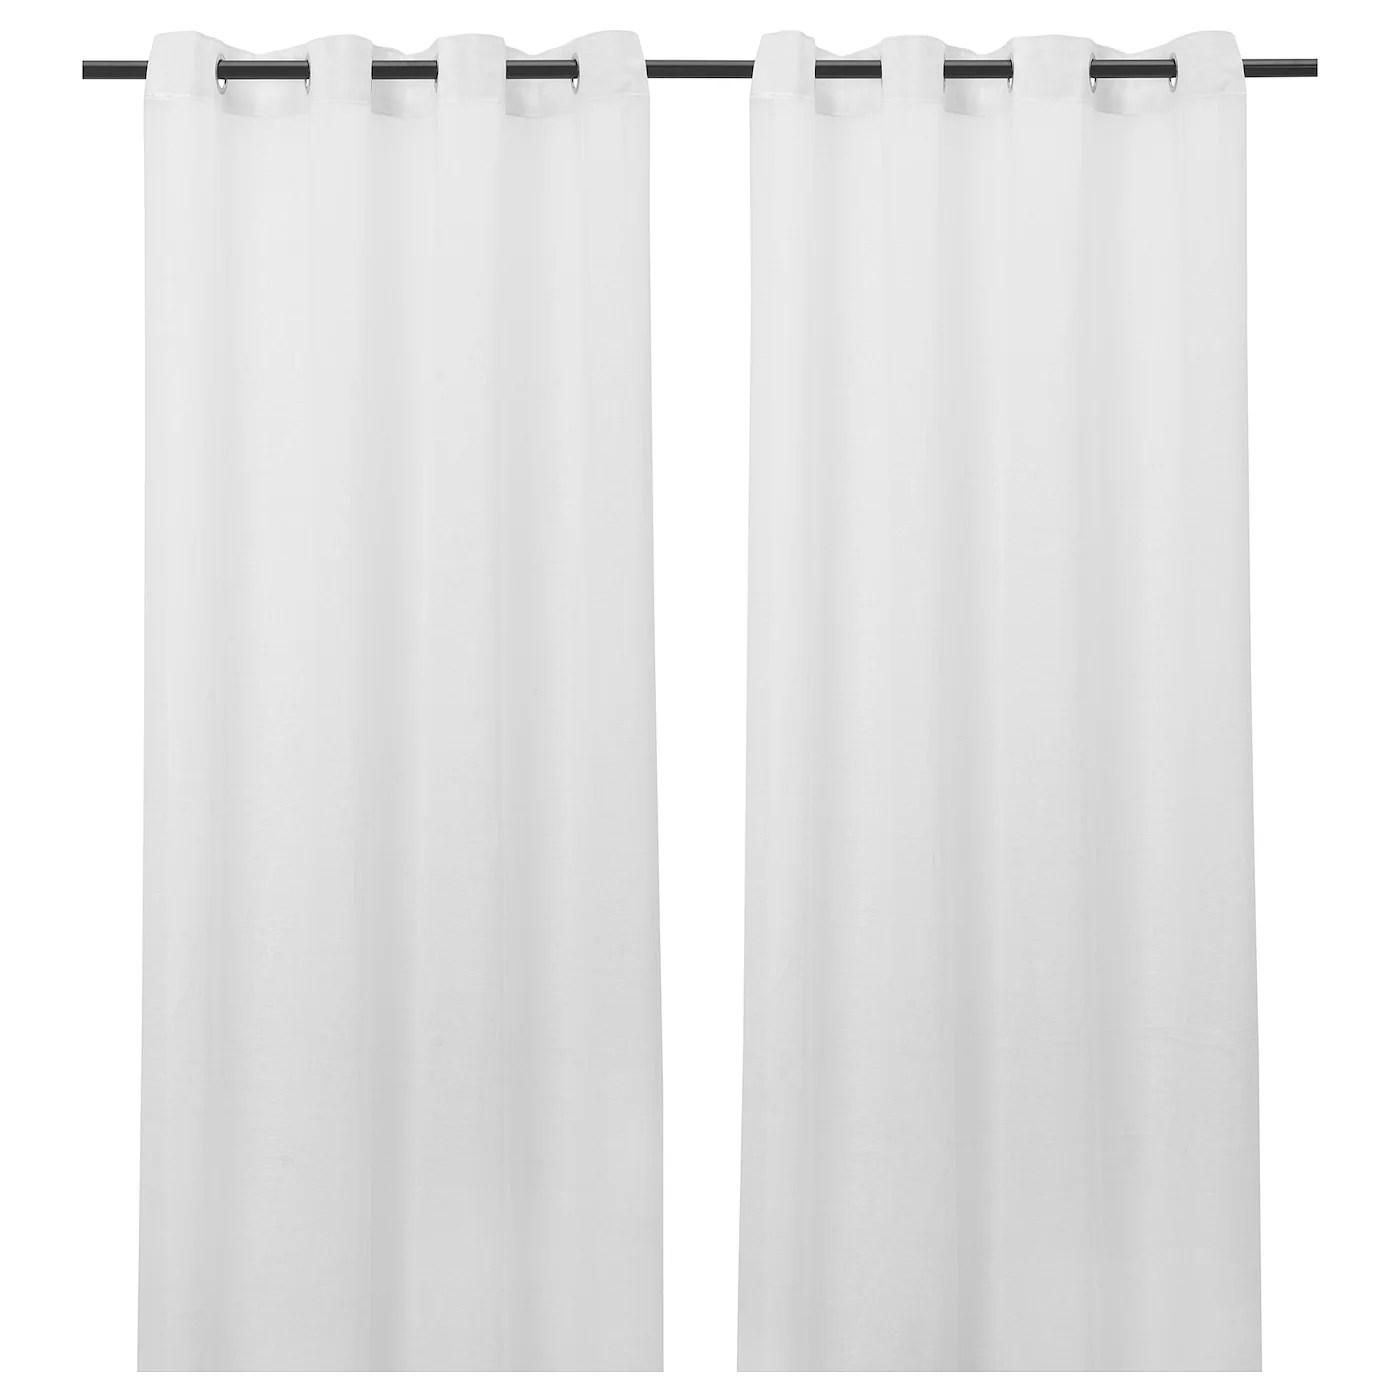 lejongap rideaux 2 pieces blanc avec oeillets 145x300 cm